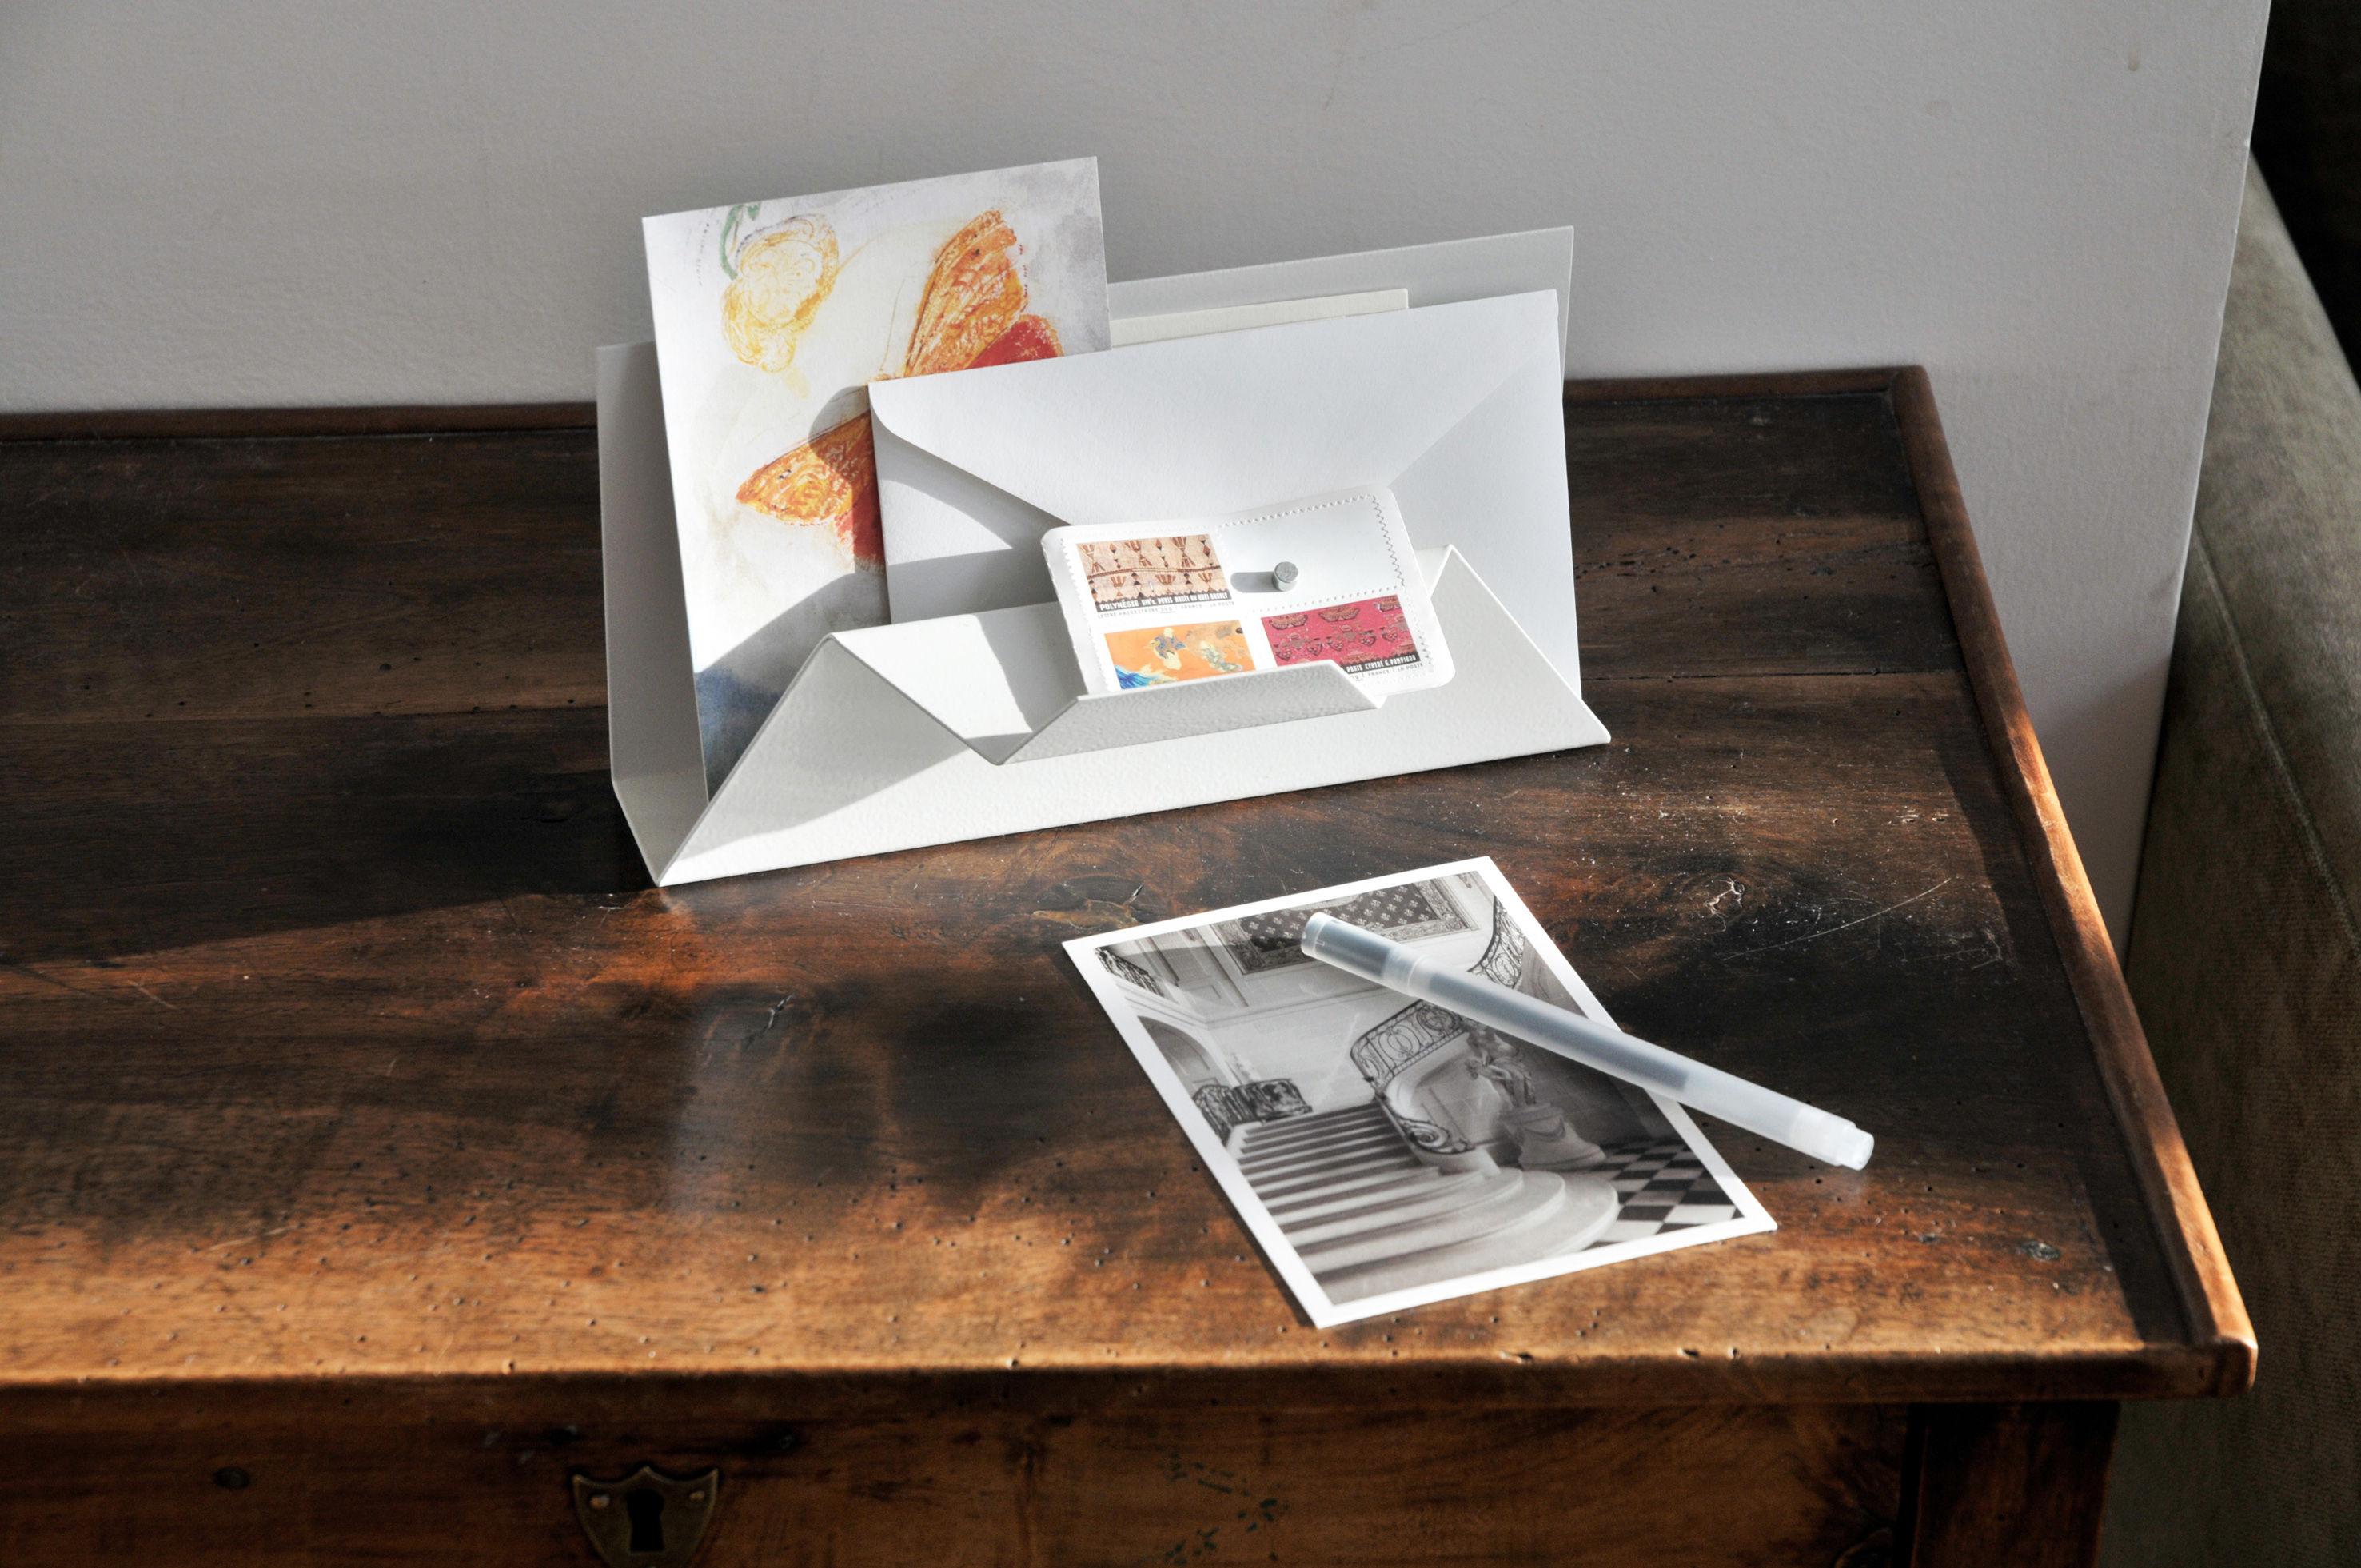 Piatto lay accessori da scrivania ufficio u foto stock claudio